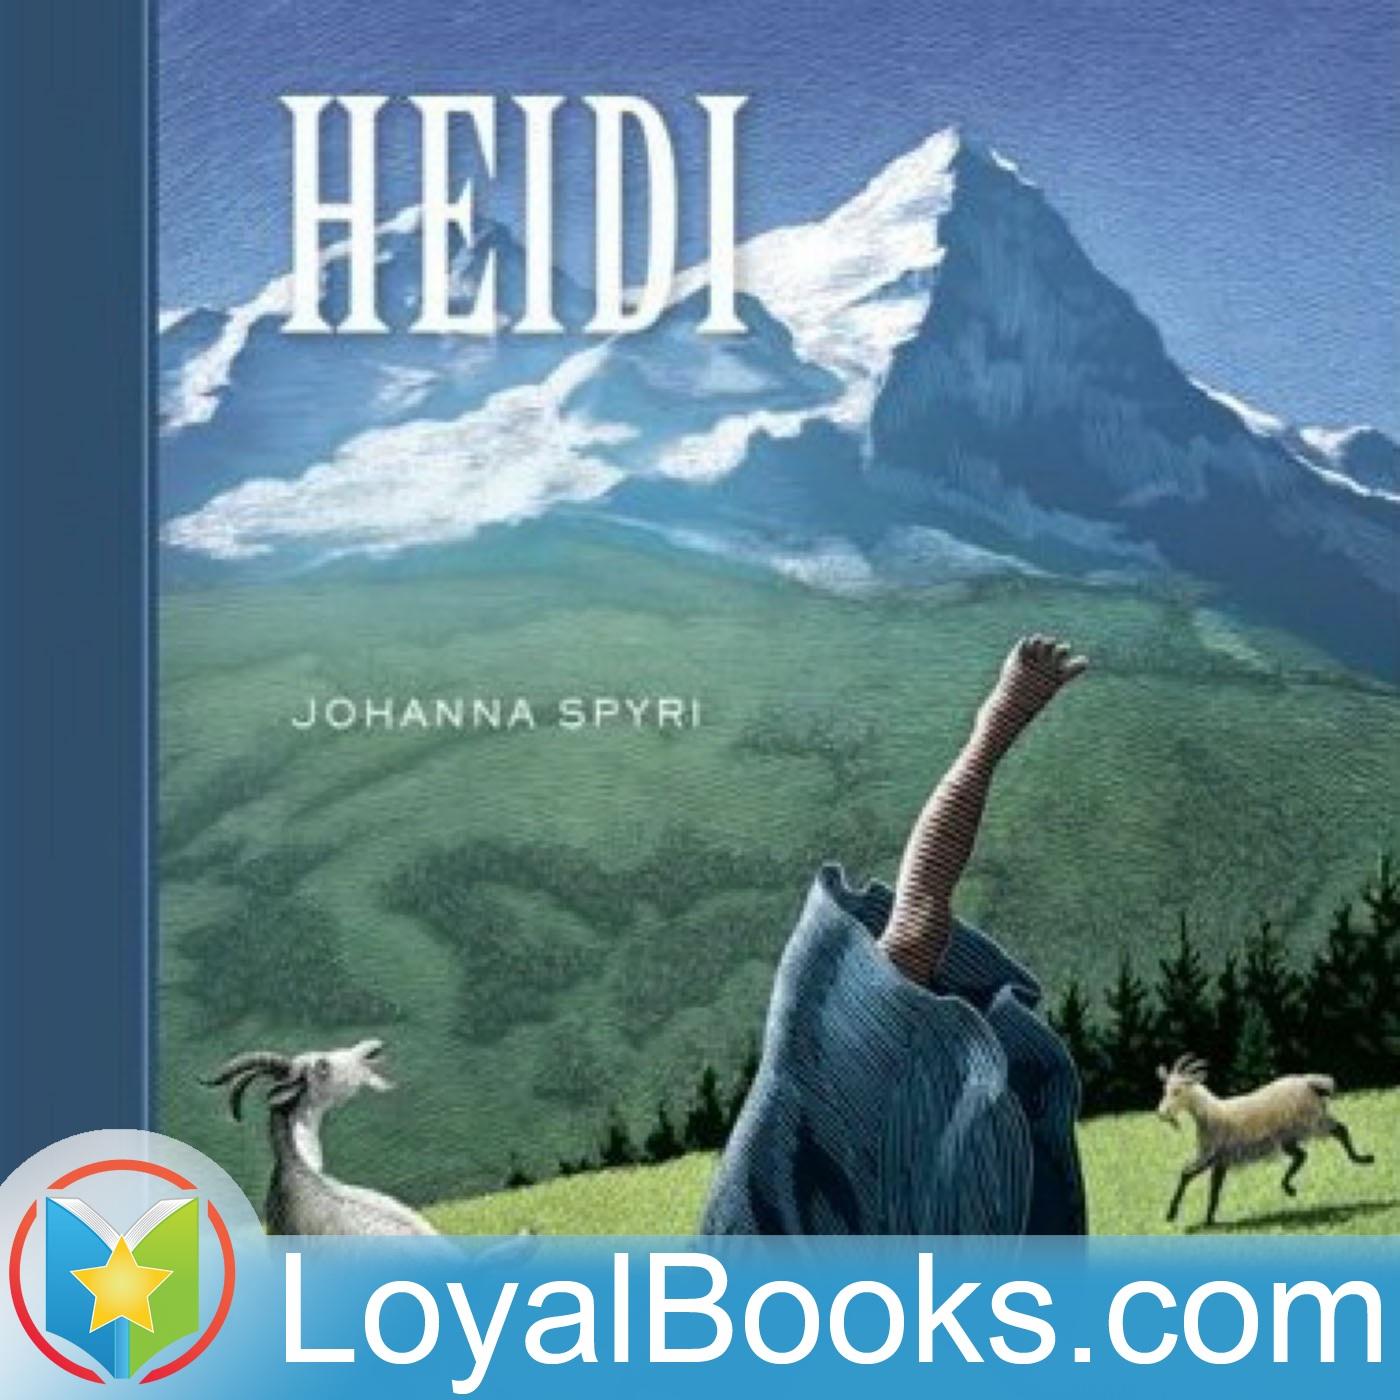 <![CDATA[Heidi by Johanna Spyri]]>